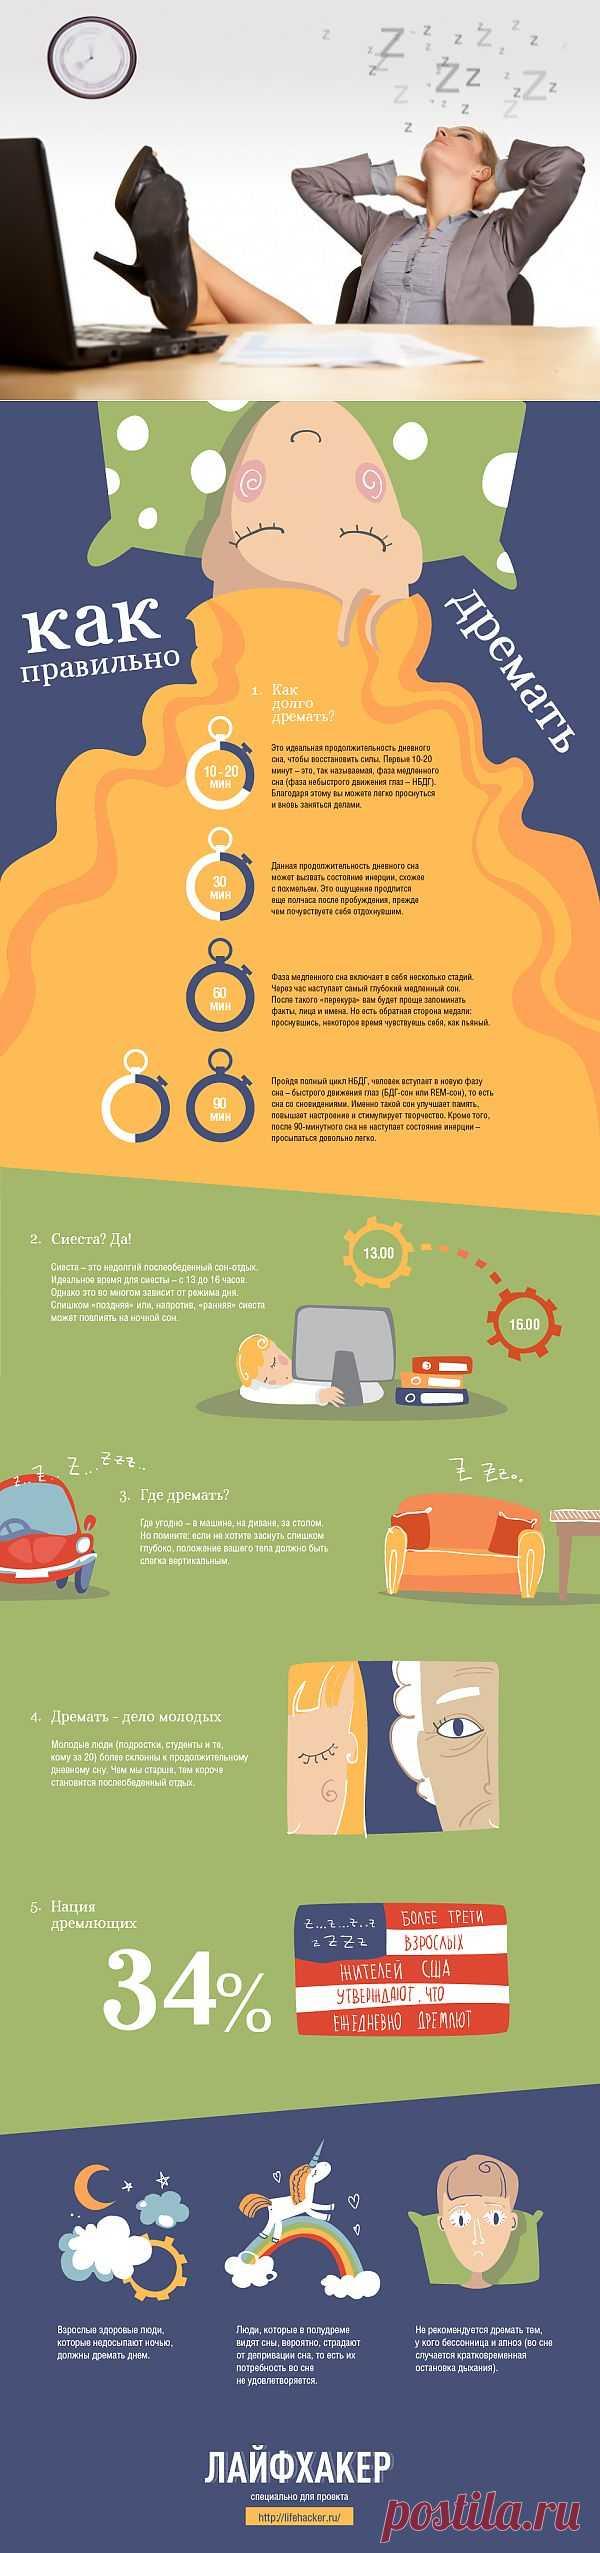 ИНФОГРАФИКА: Как правильно дремать? | Лайфхакер